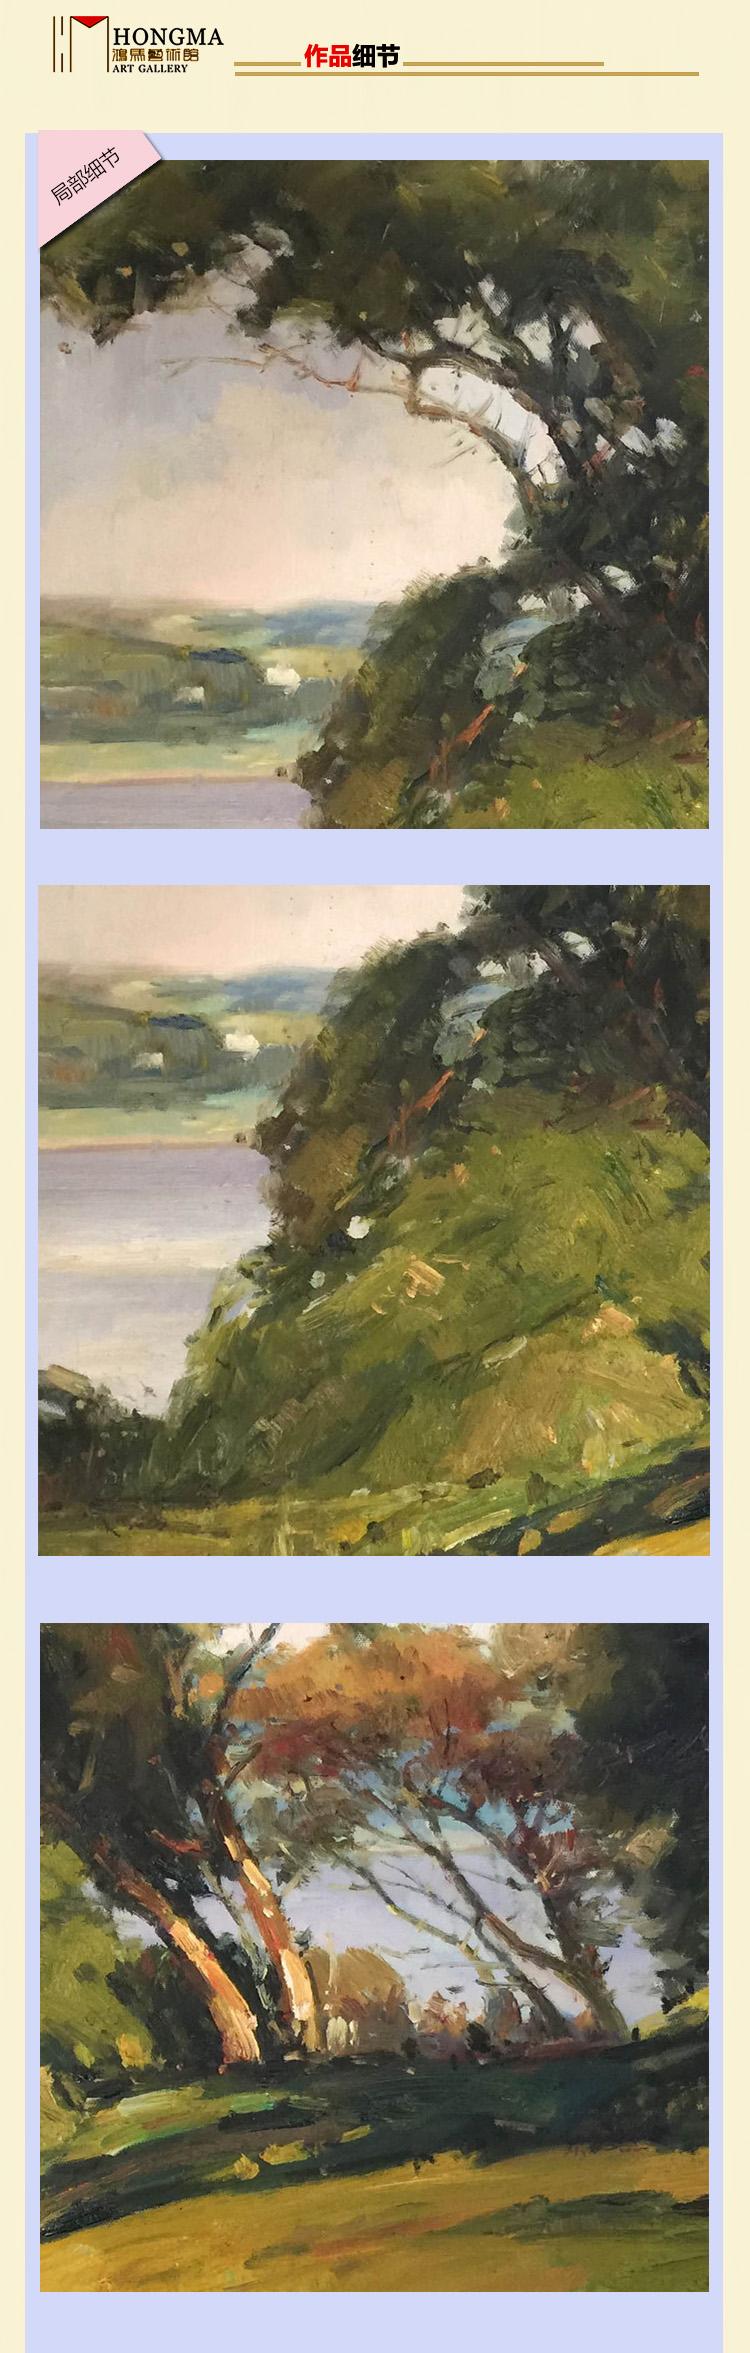 壁纸 风景 国画 山水 桌面 750_2353 竖版 竖屏 手机